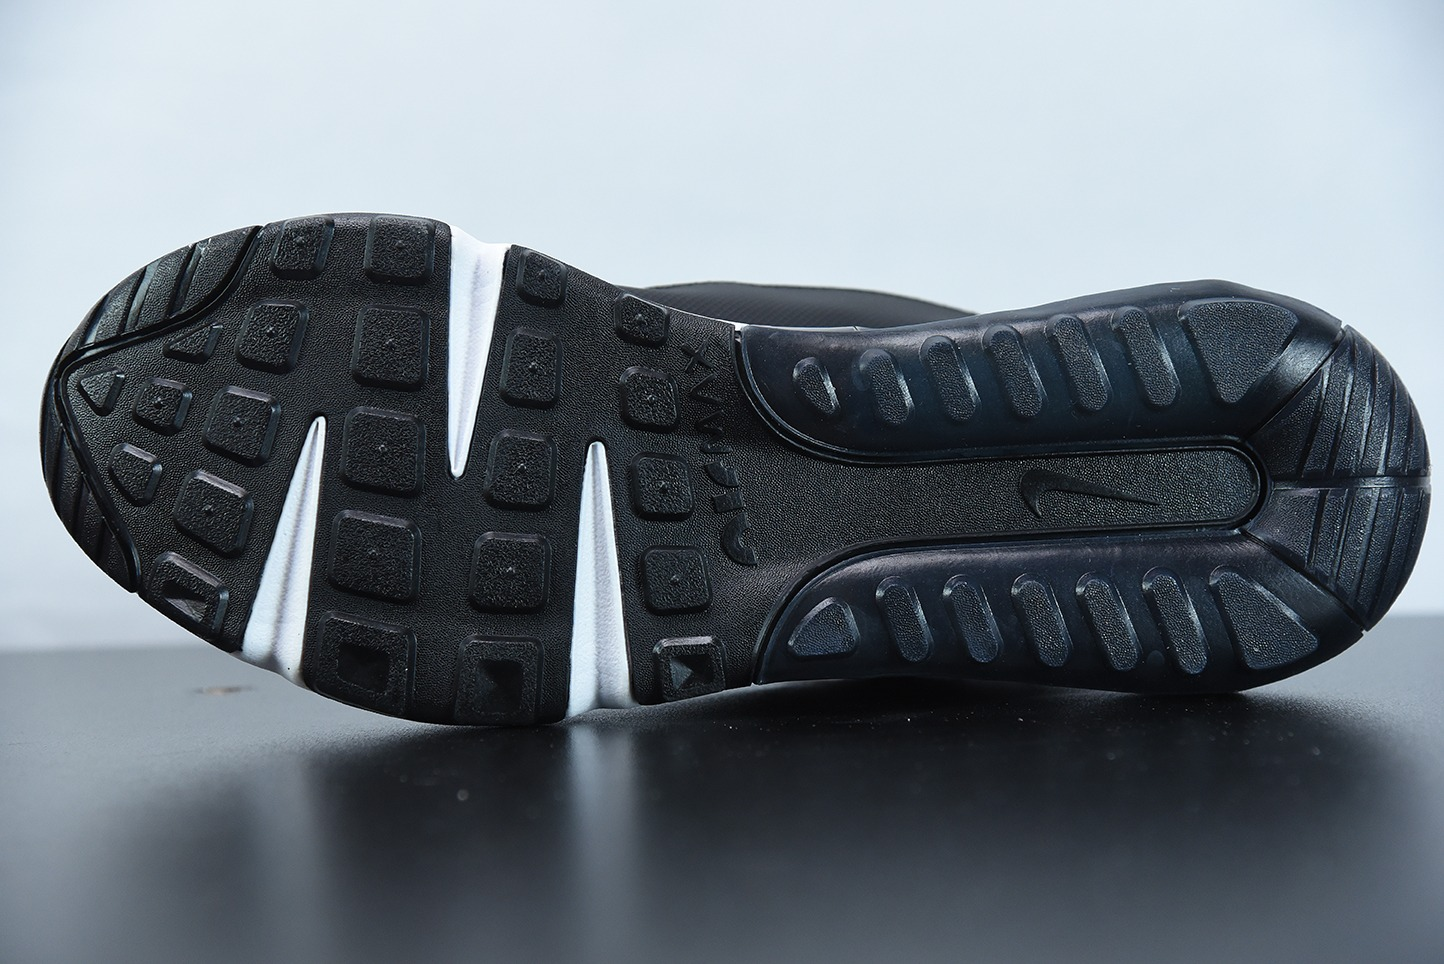 耐克Neymar x Nike Air Max 2090 黑橘色缓震气垫鞋耐磨防滑超透气休闲跑步鞋纯原版本 货号:DC1465-001